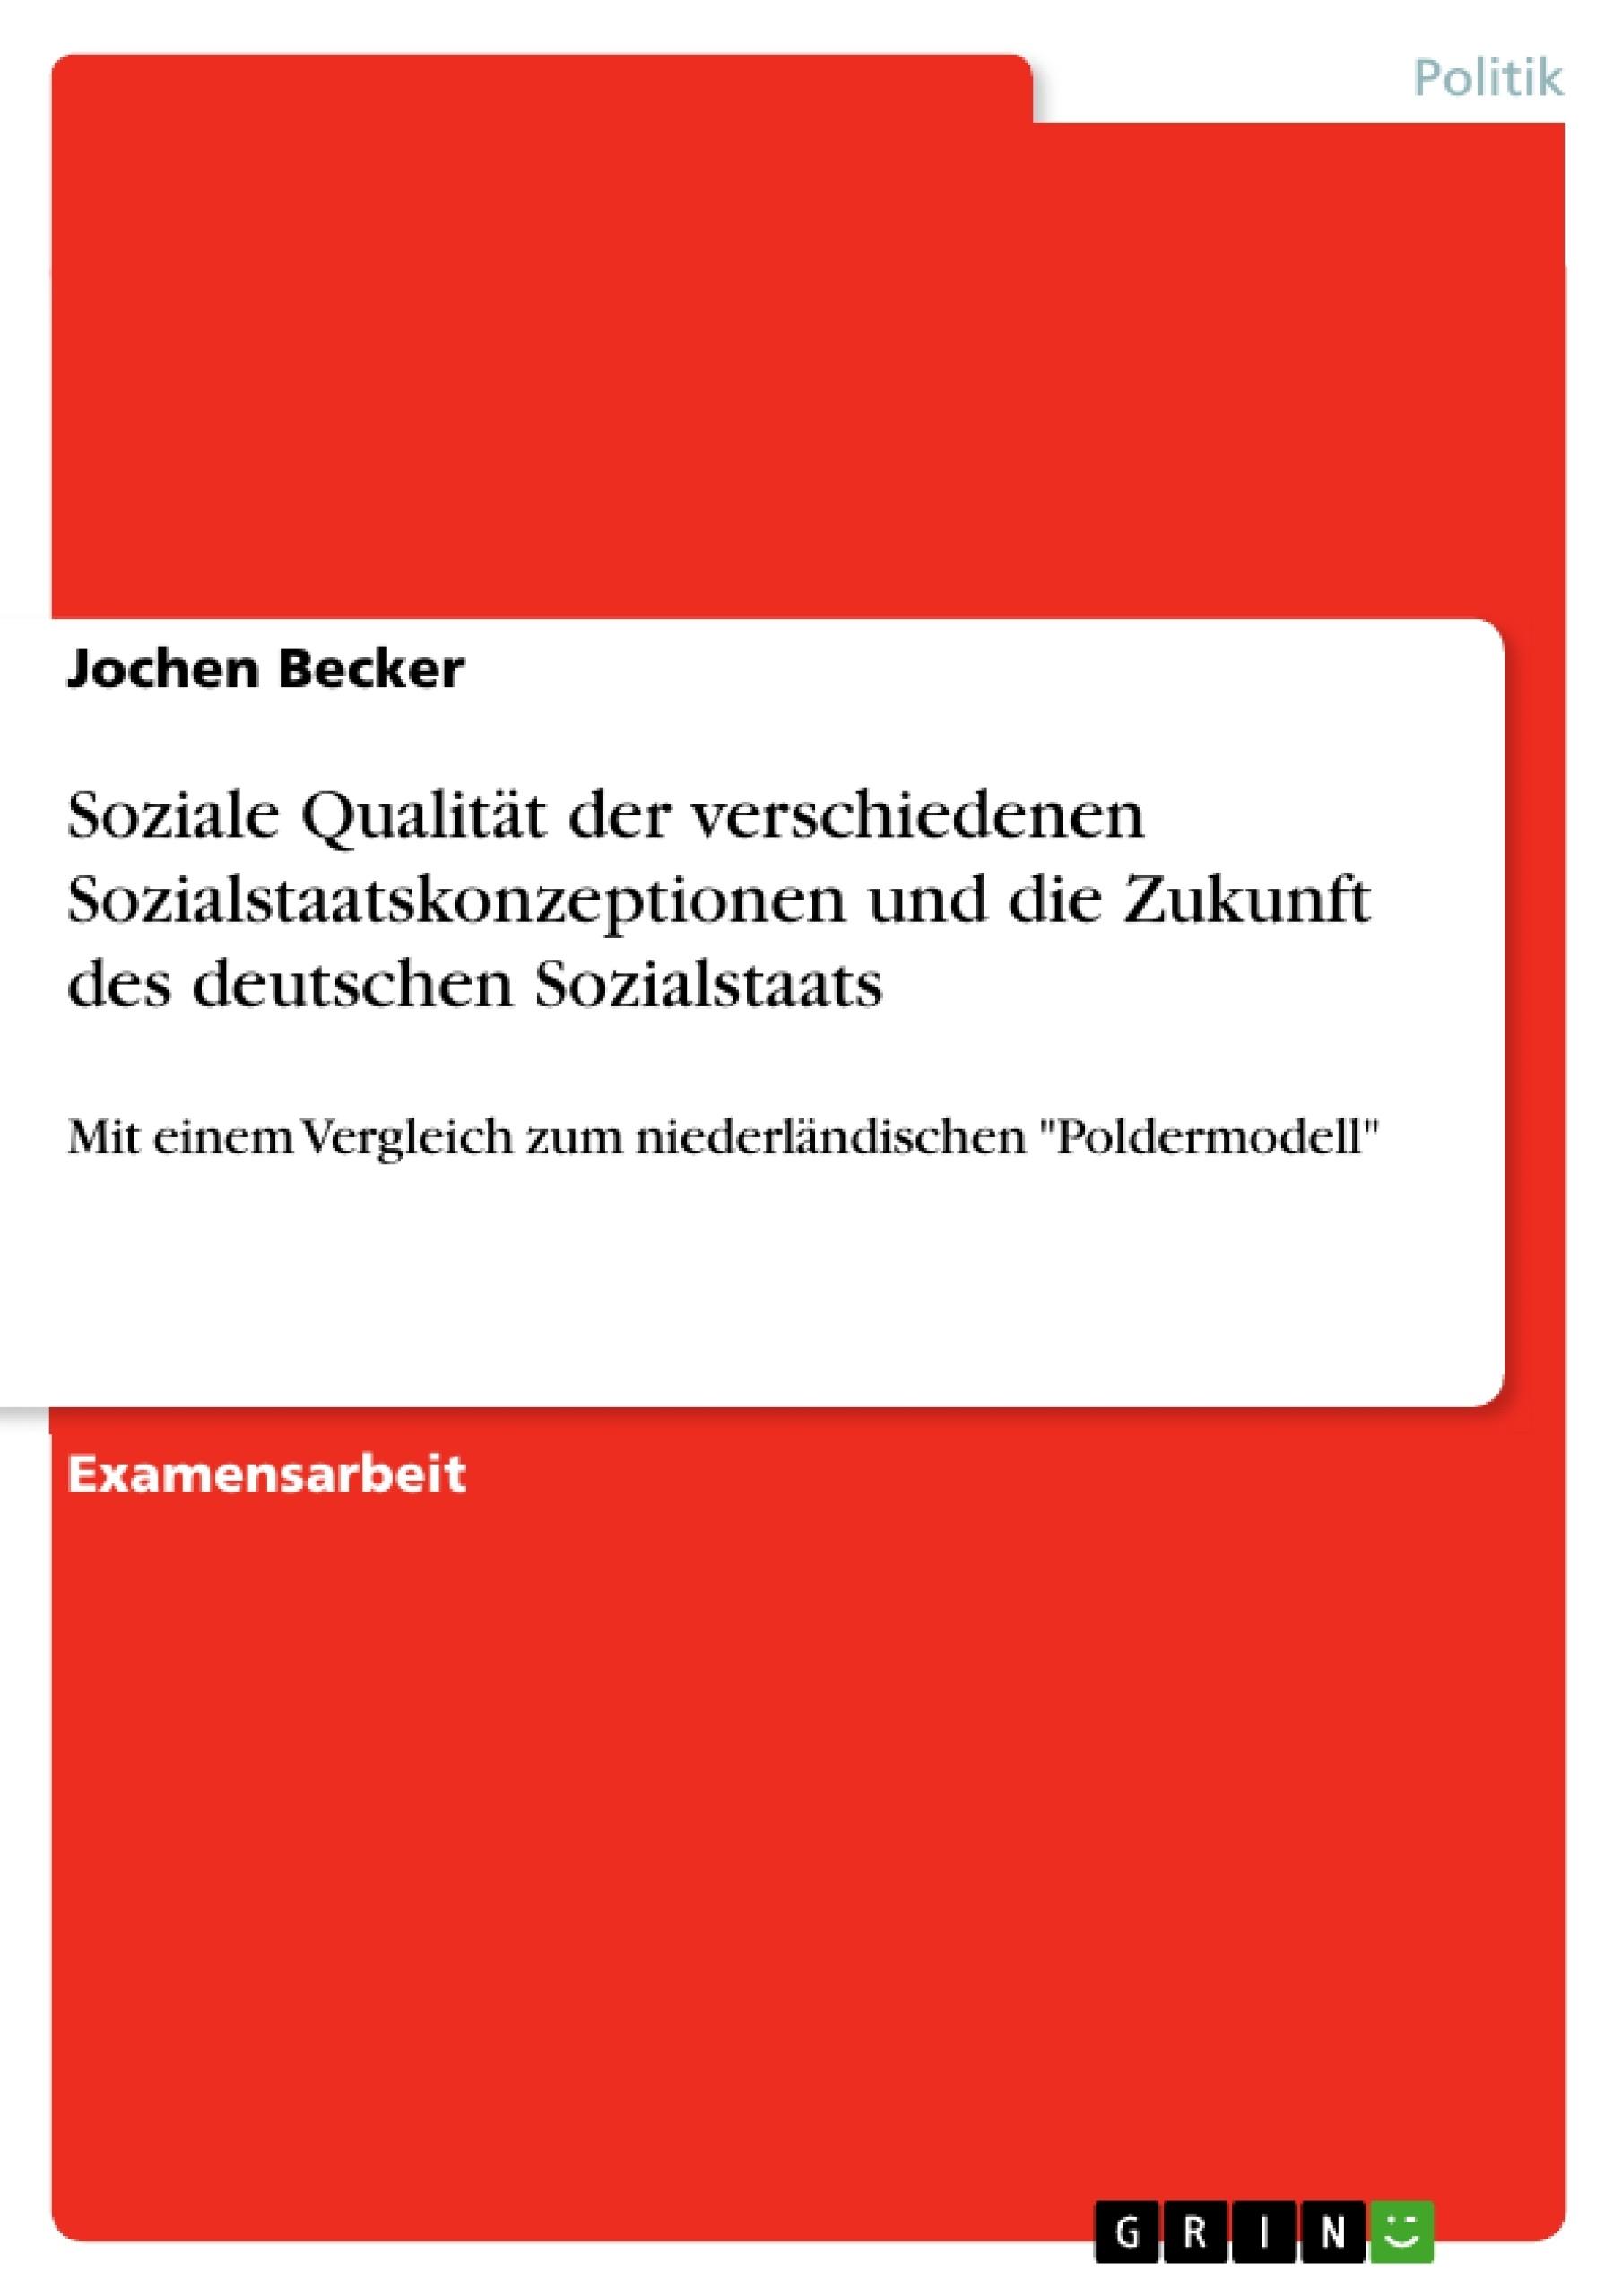 Titel: Soziale Qualität der verschiedenen Sozialstaatskonzeptionen und die Zukunft des deutschen Sozialstaats